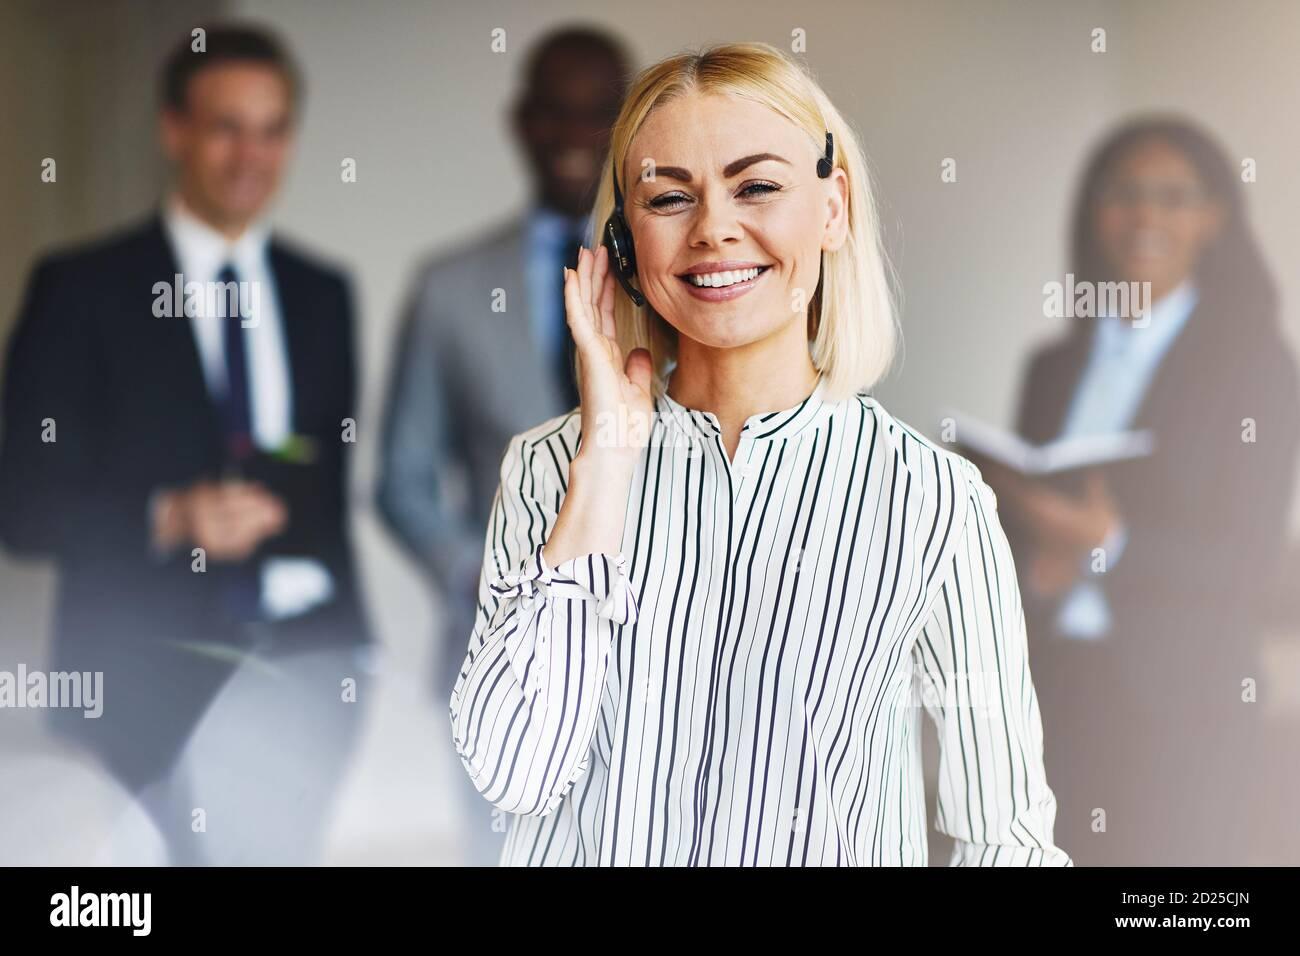 Jeune femme d'affaires portant un micro-casque et souriant lorsqu'elle se tient debout un bureau avec divers collègues en arrière-plan Banque D'Images